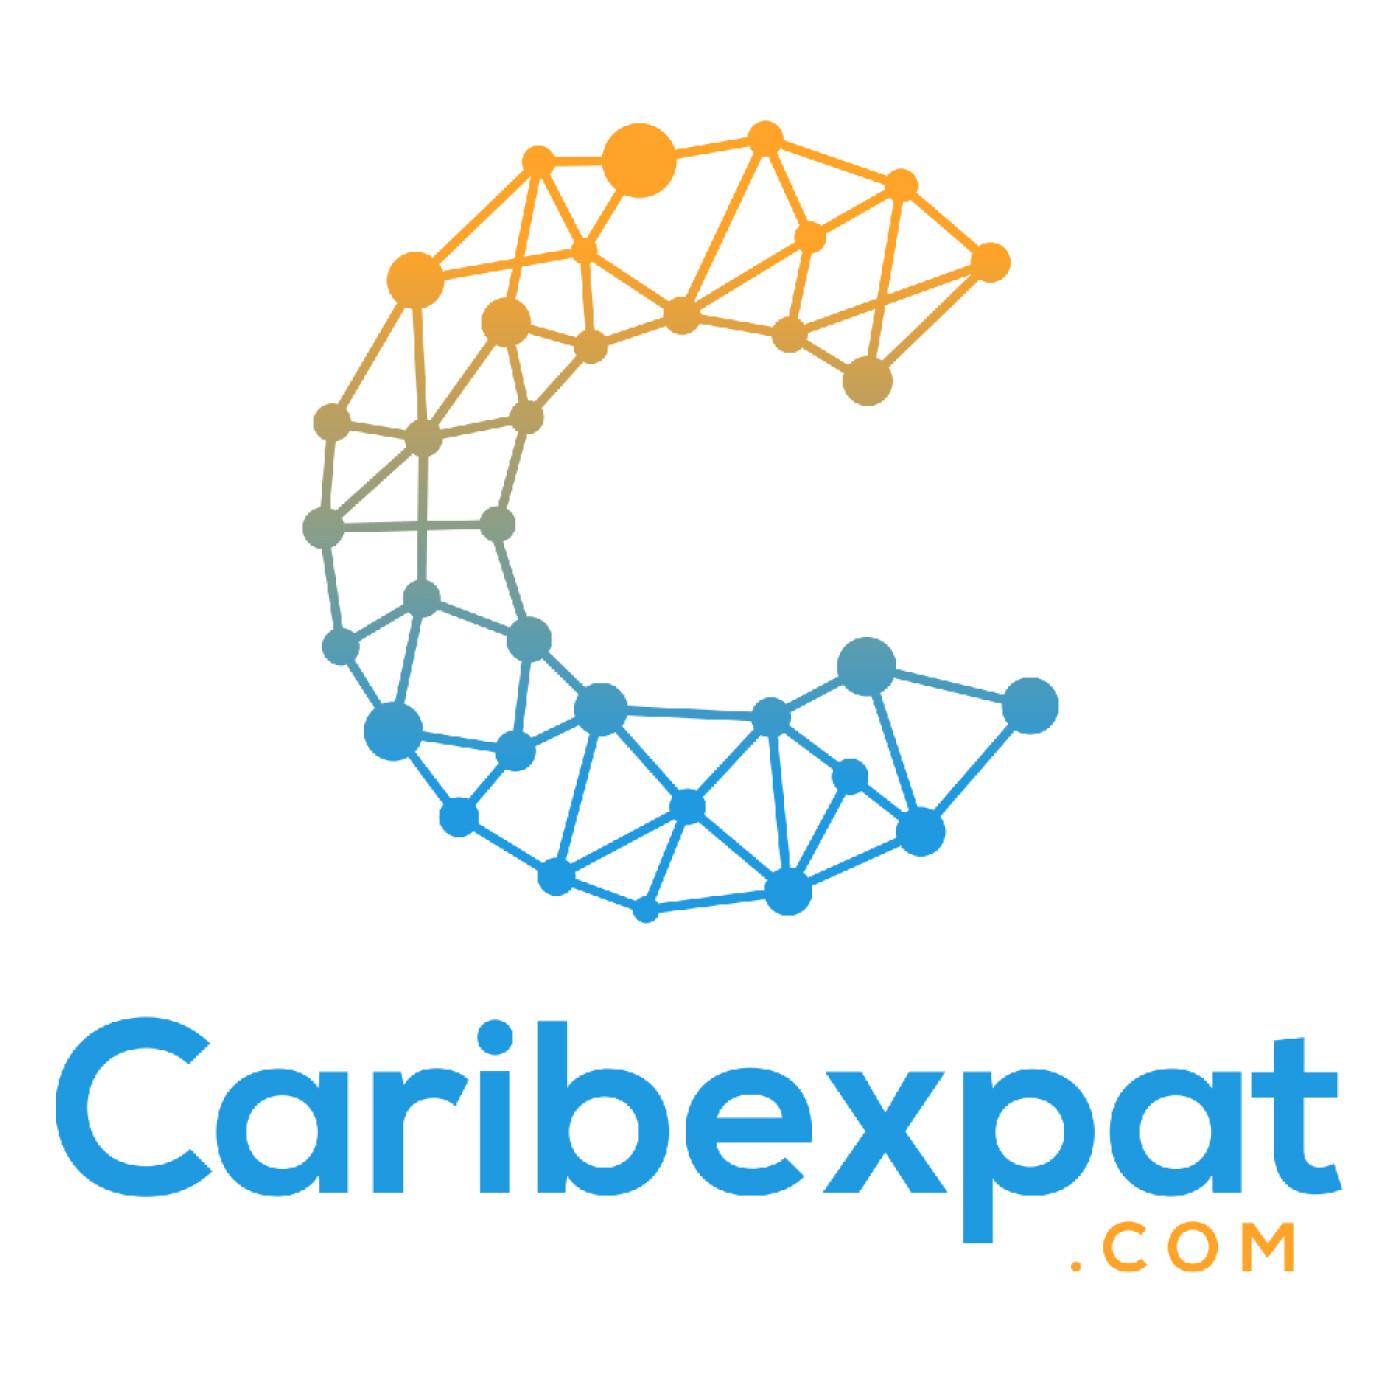 Doris présente son portail CaribExpat, site web des antillais et guyanais pour s'expatrier - 27 09 2021 - StereoChic Radio